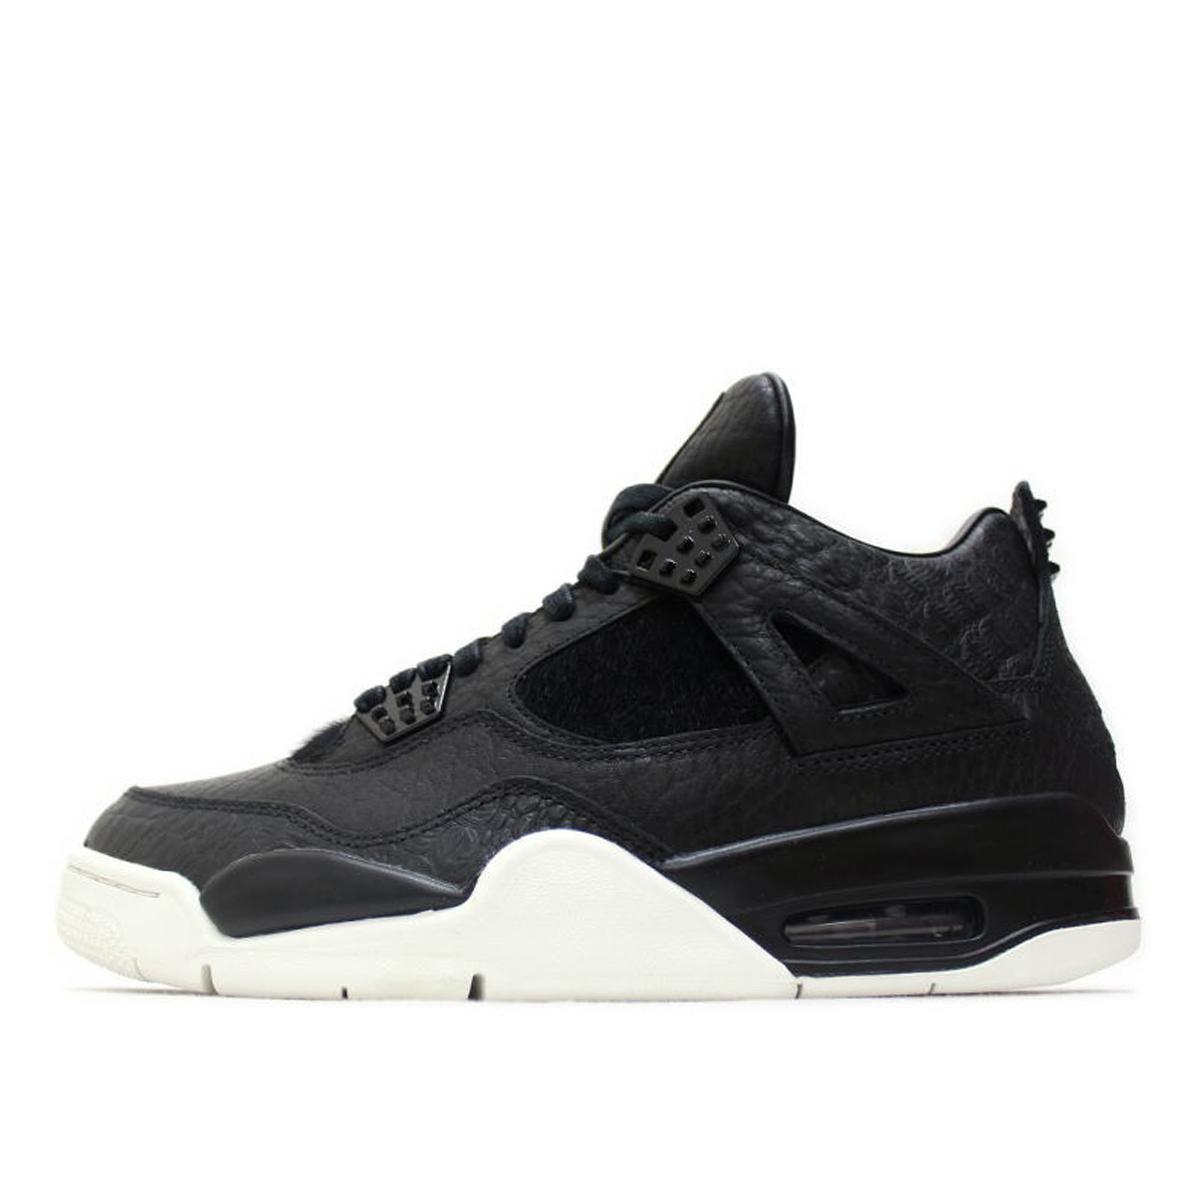 Air Jordan Nike AJ 4 IV Retro Pony Hair Black